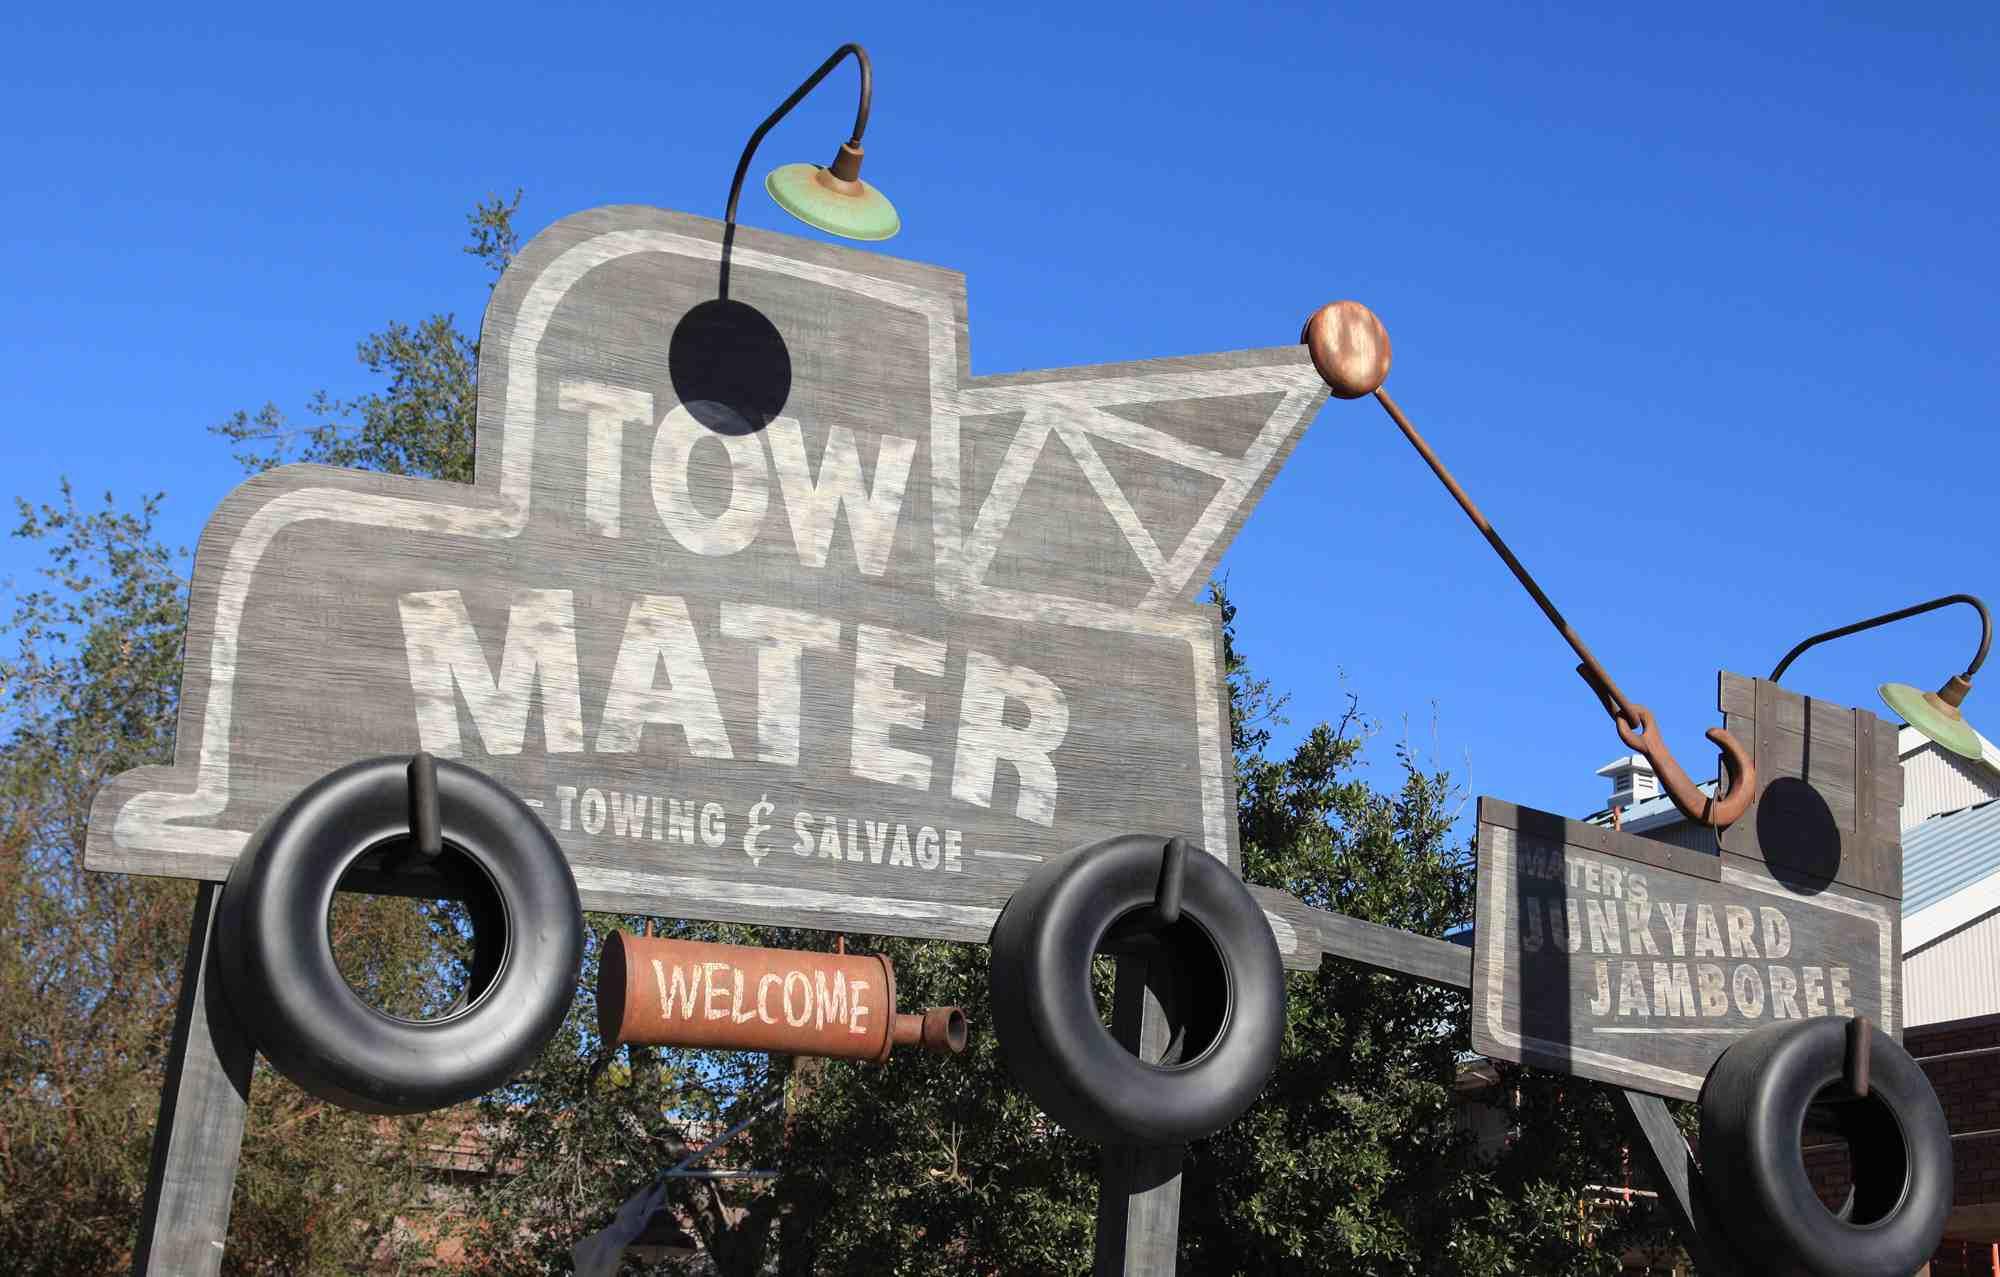 Entrance to Mater's Junkyard Jamboree